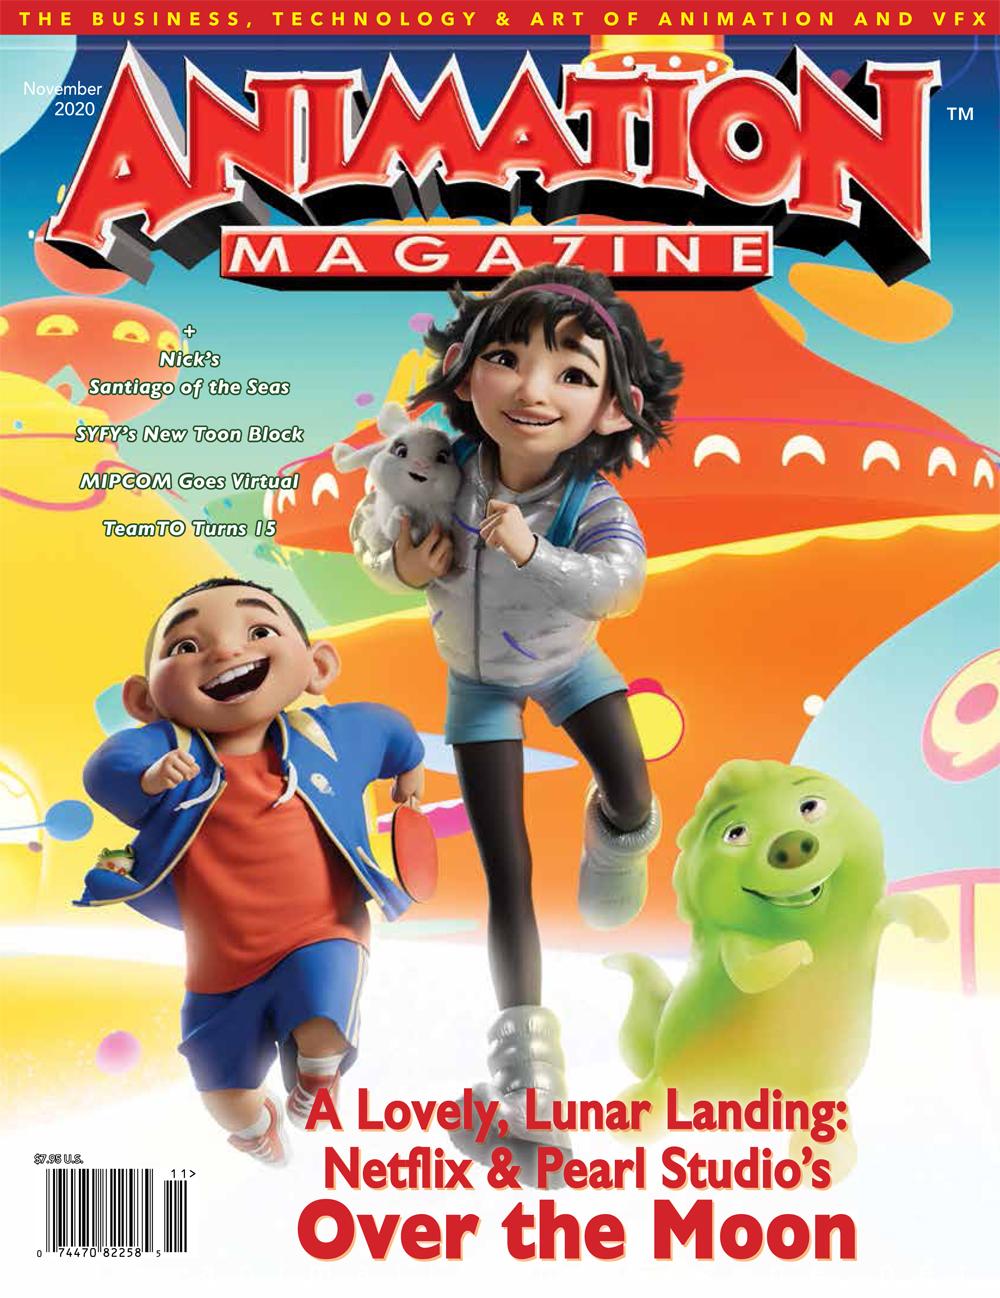 Animation Magazine – #304 November 2020